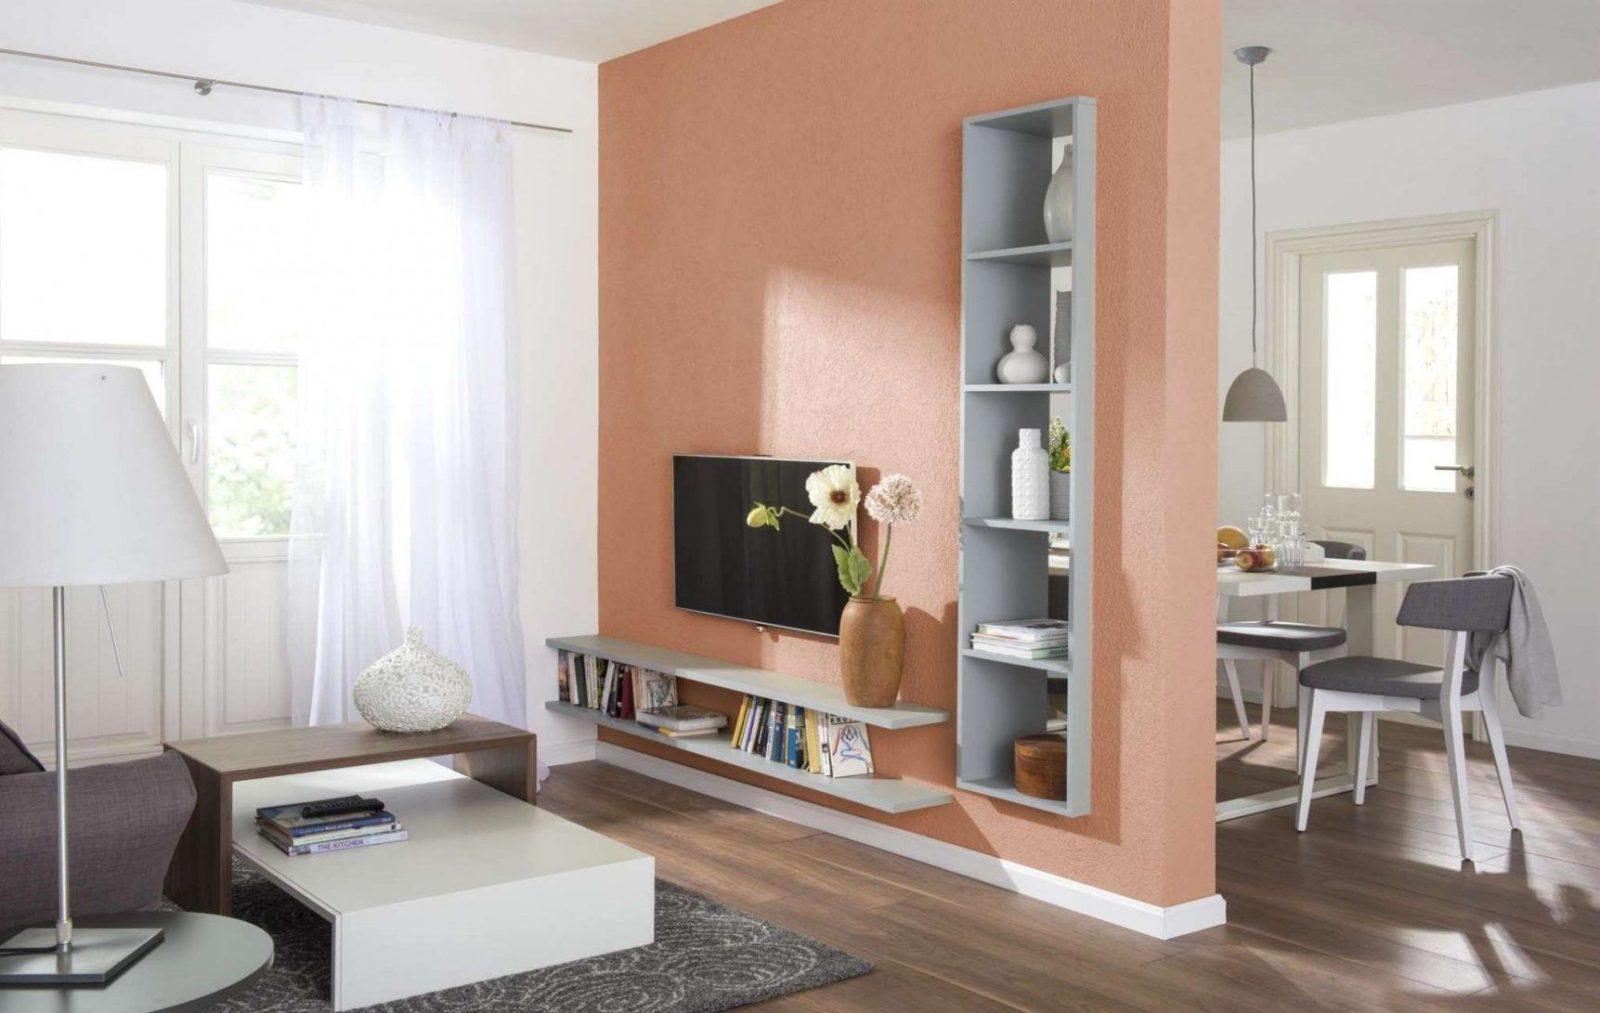 20 Qm Wohnzimmer Einrichten  Home Ideen von 20 Qm Wohnzimmer Einrichten Photo